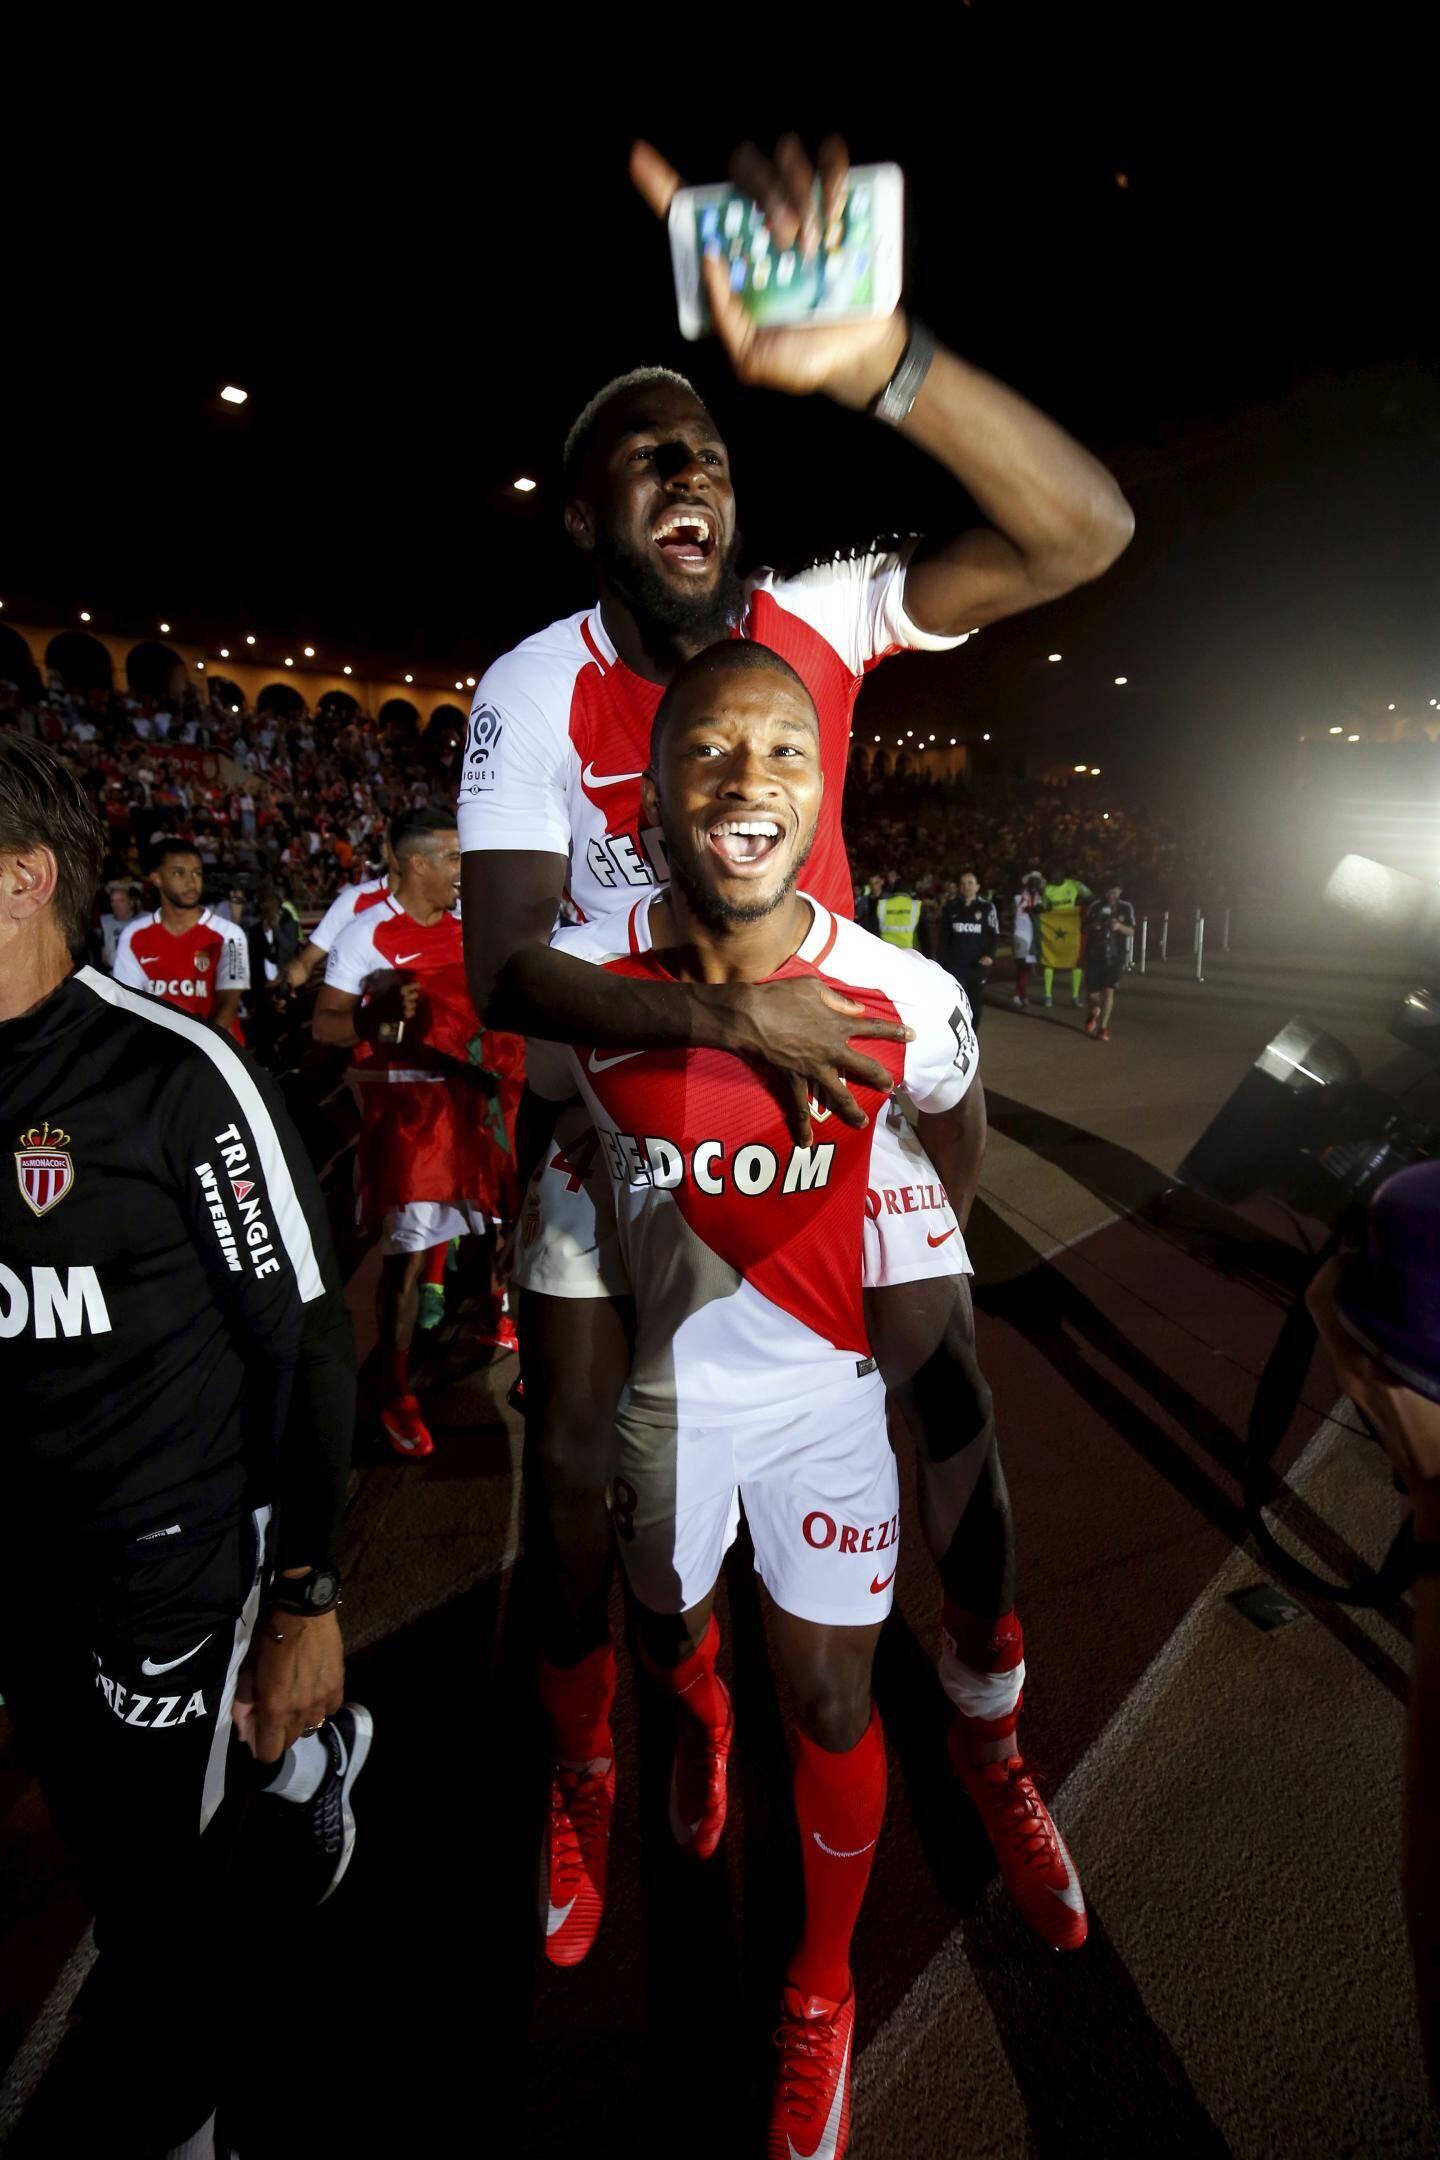 L'AS Monaco fête son titre de Champion de France de Ligue 1 au Louis II -AS Monaco - AS Saint EtienneMatch en retard de la 31ème journée de ligue 1 2016/2017 au stade Louis II de Monaco - mercredi 17 mai 2017 à 21h ASM-ASSE